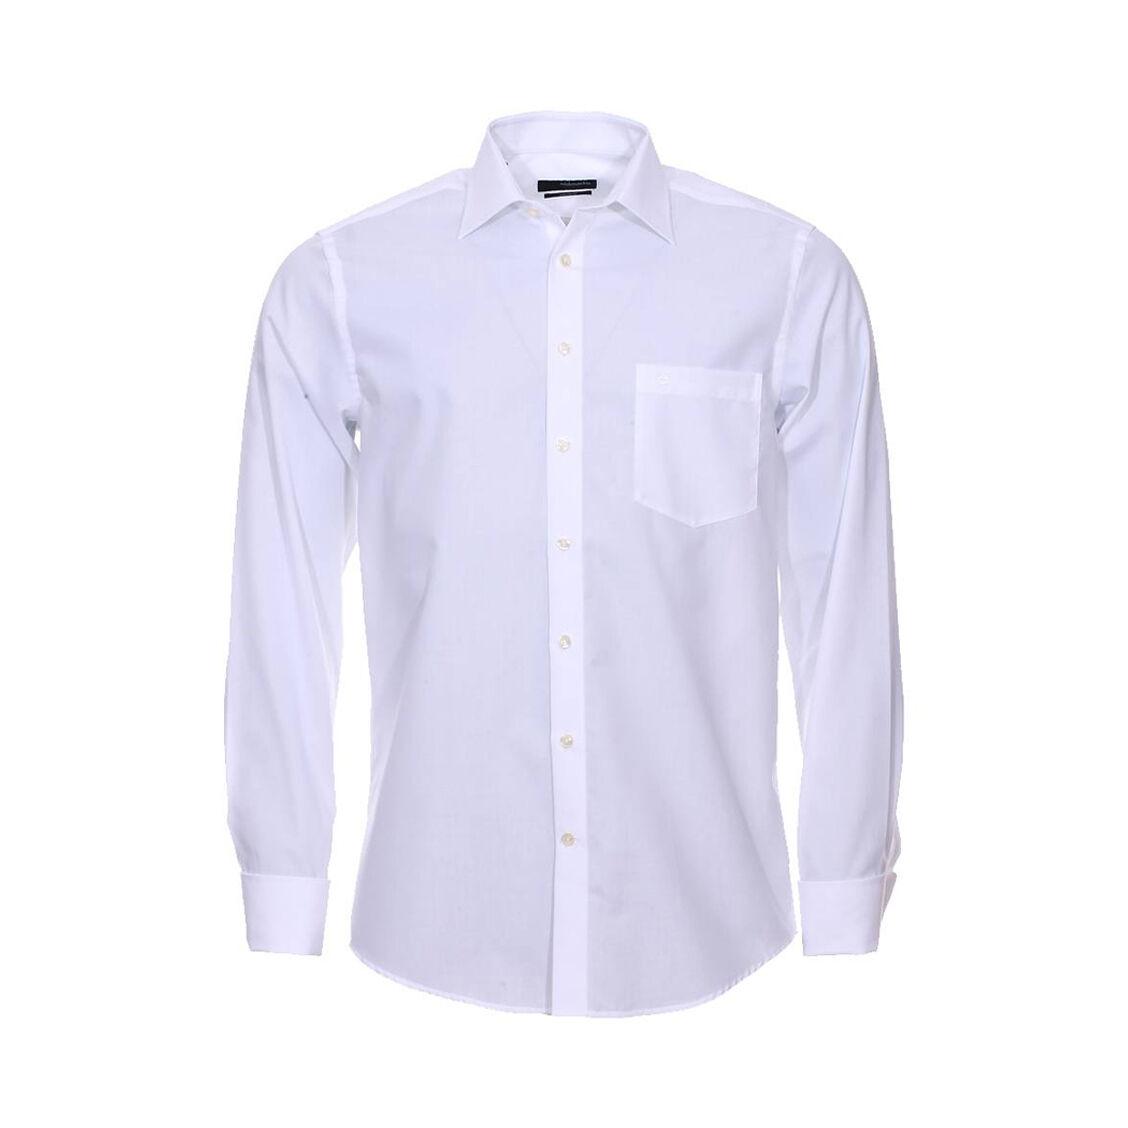 Seidensticker Chemise droite Seidensticker en coton blanc à poignets mousquetaires Sans repassage - BLANC - 47